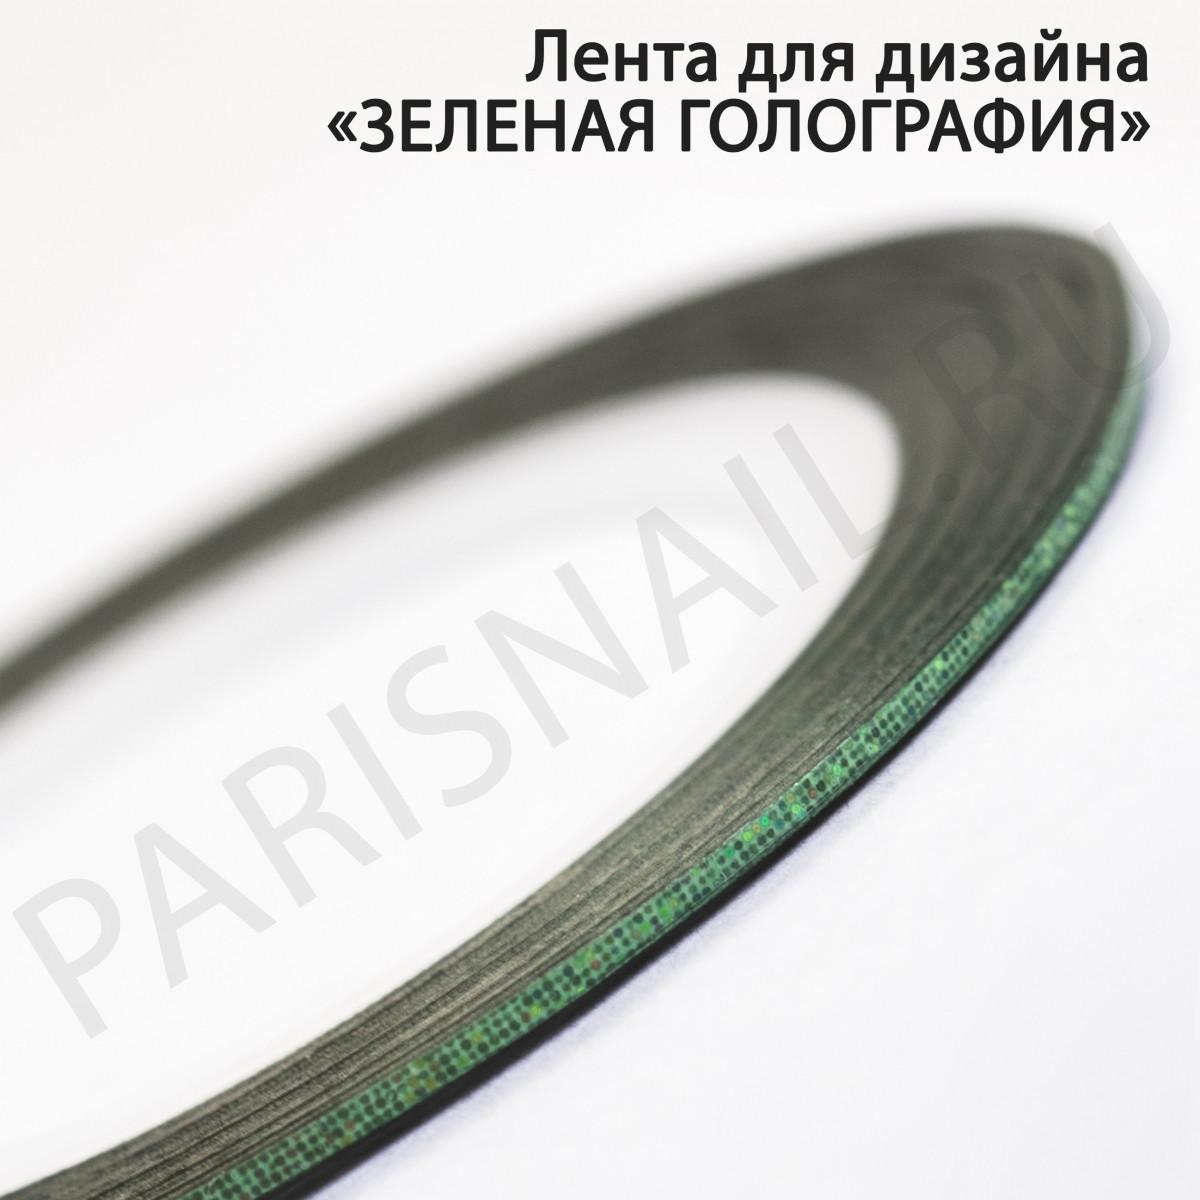 """Лента для дизайна """"зеленая голография"""""""